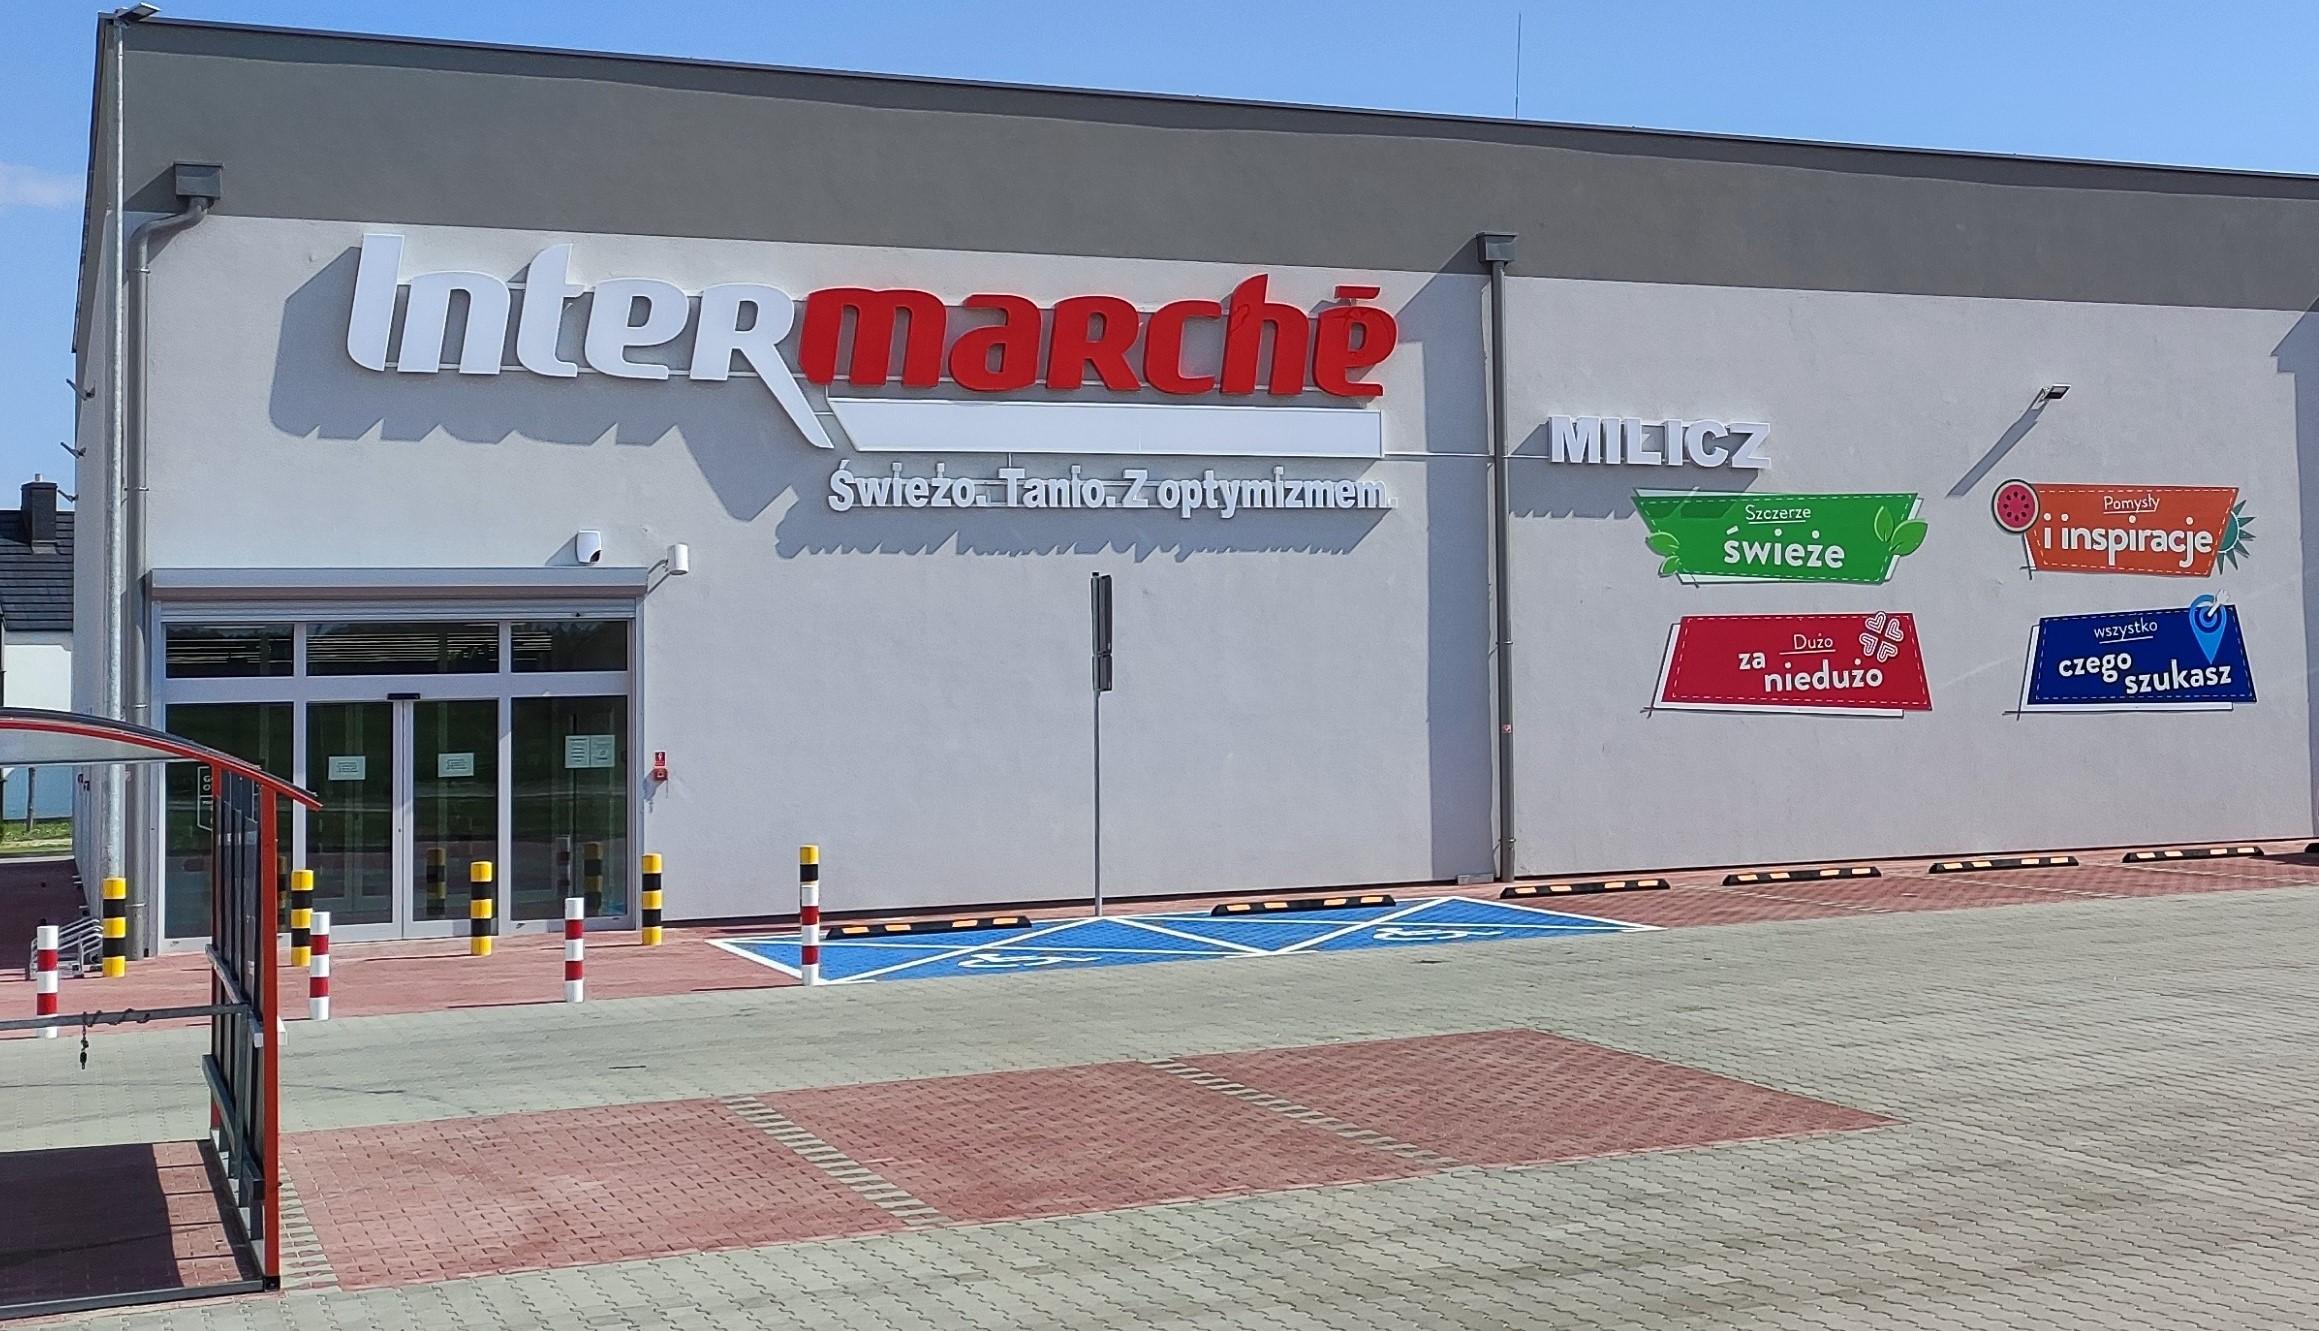 Muszkieterowie otwierają sklep Intermarché w Miliczu